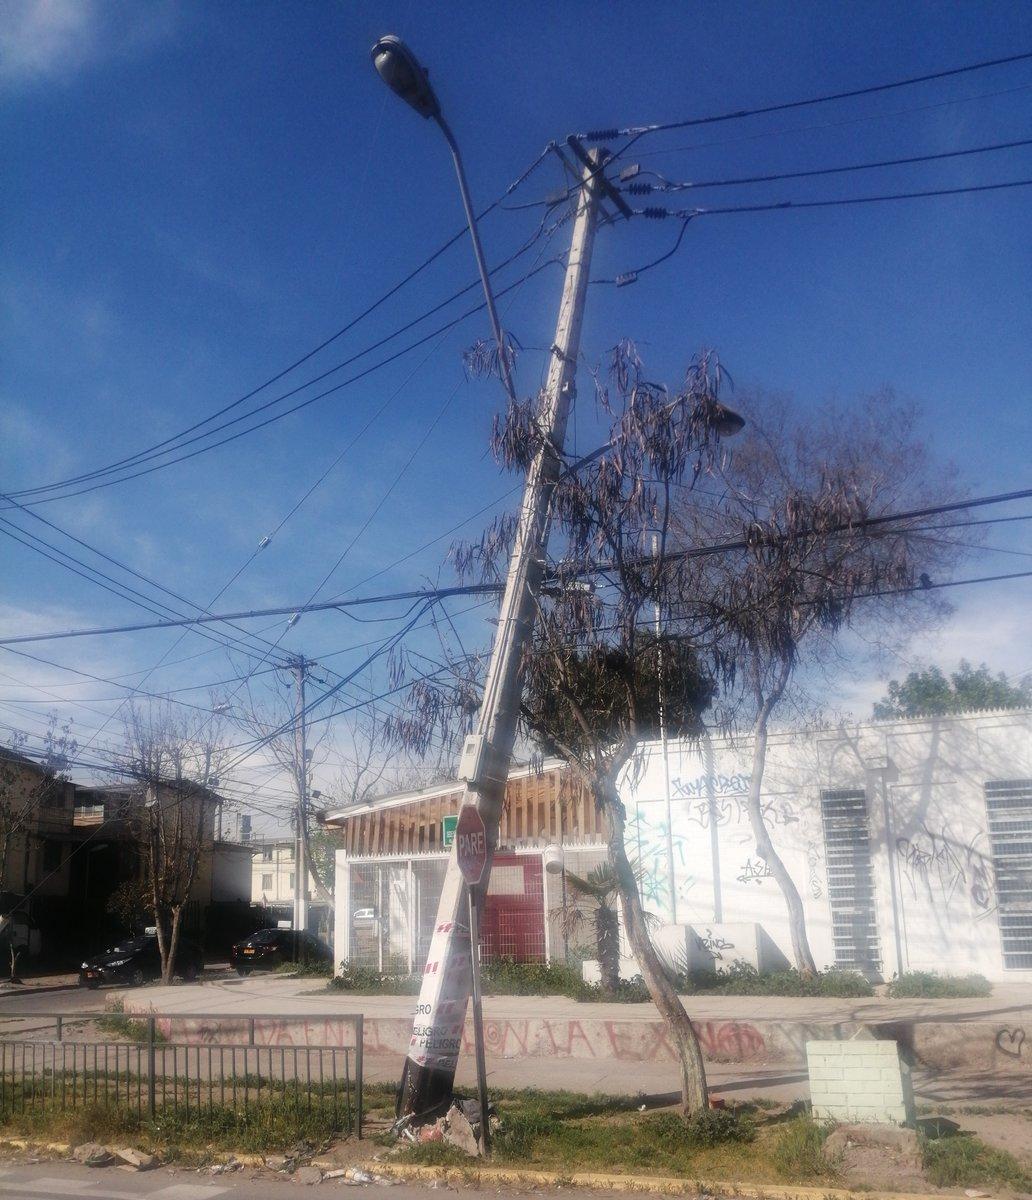 [19:15] #PosteChocado en San José con Séneca, comuna de Maipú. Conducir con precaución. https://t.co/LYGhu6Wf0r